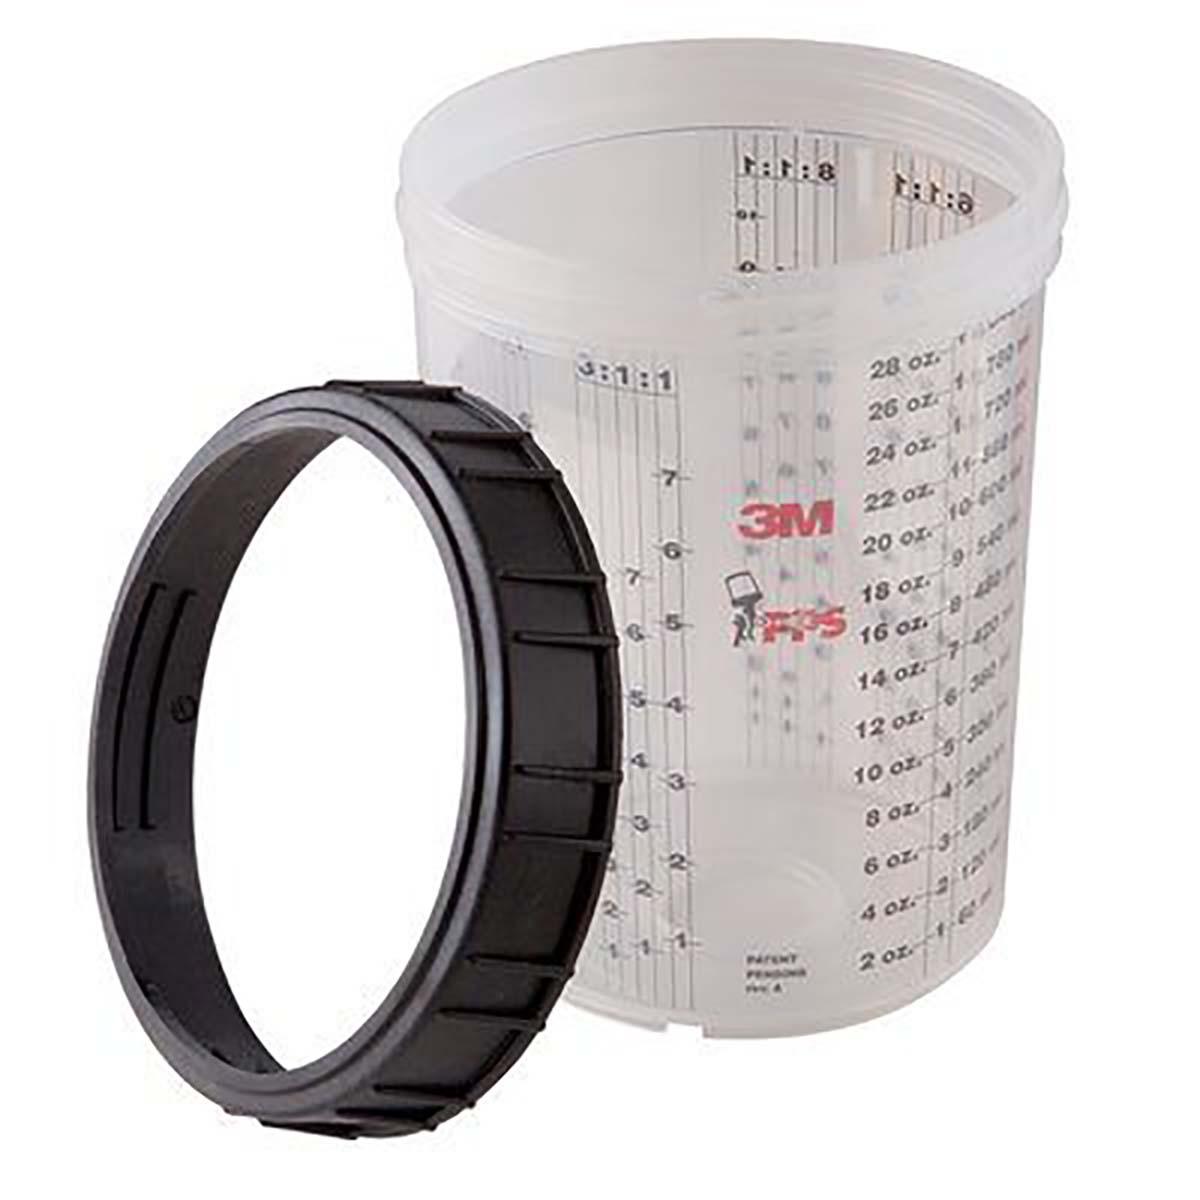 3M(TM) PPS(TM) Cup & Collar